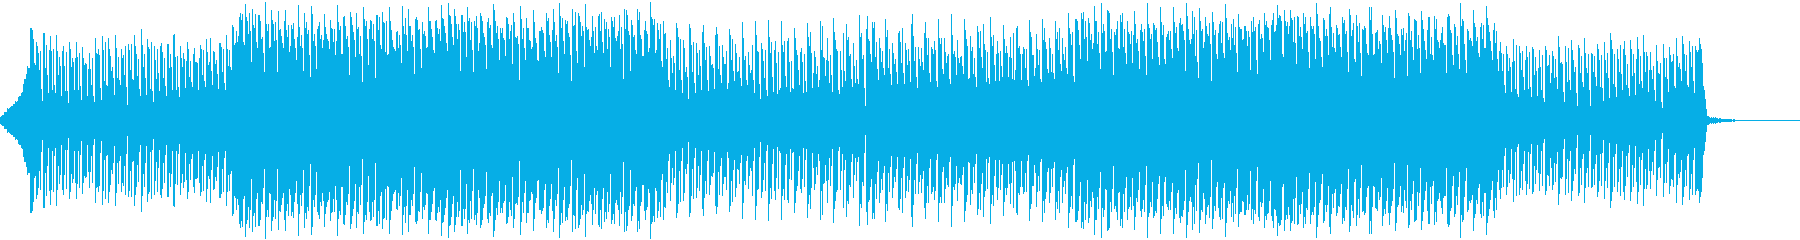 クール・80年代・レトロ・マシンの再生済みの波形